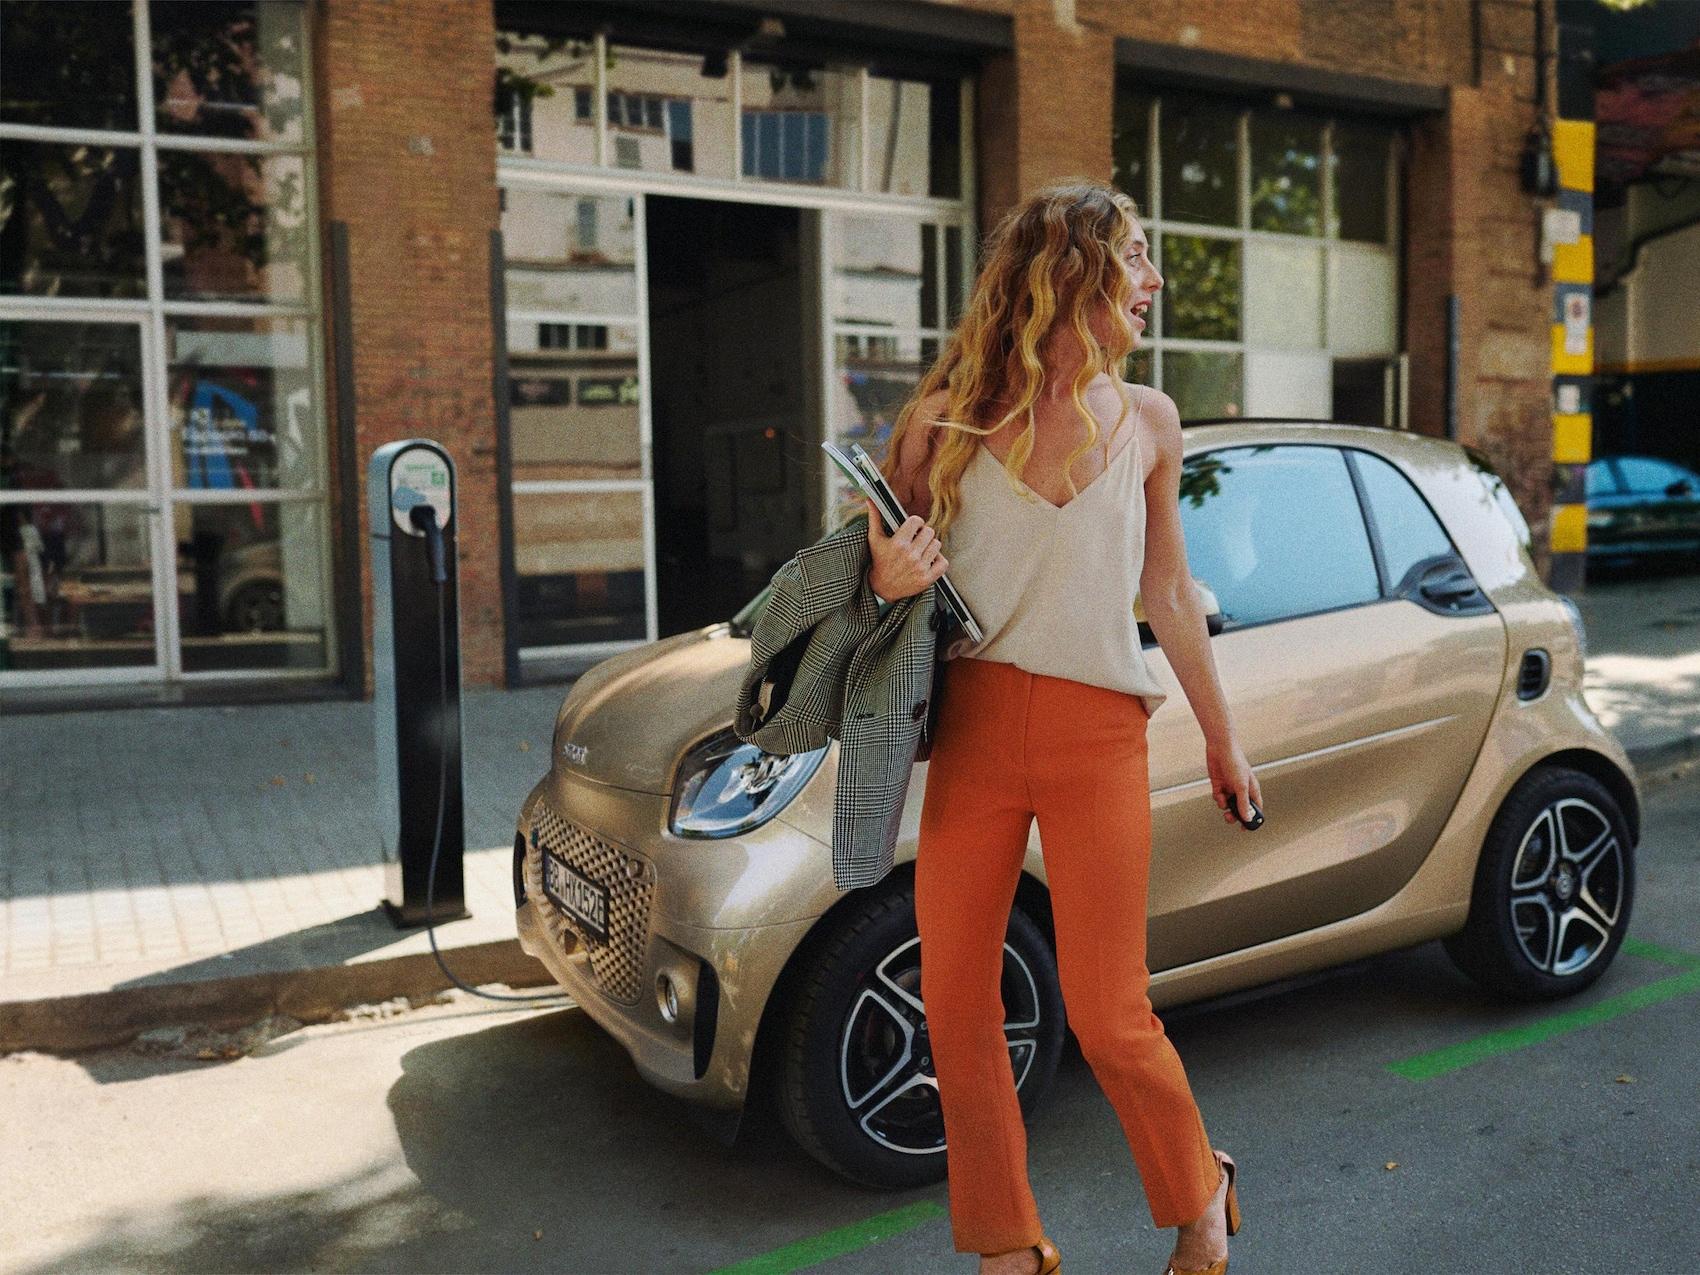 Une smart EQ fortwo garée au niveau d'une borne de recharge derrière une jeune femme.